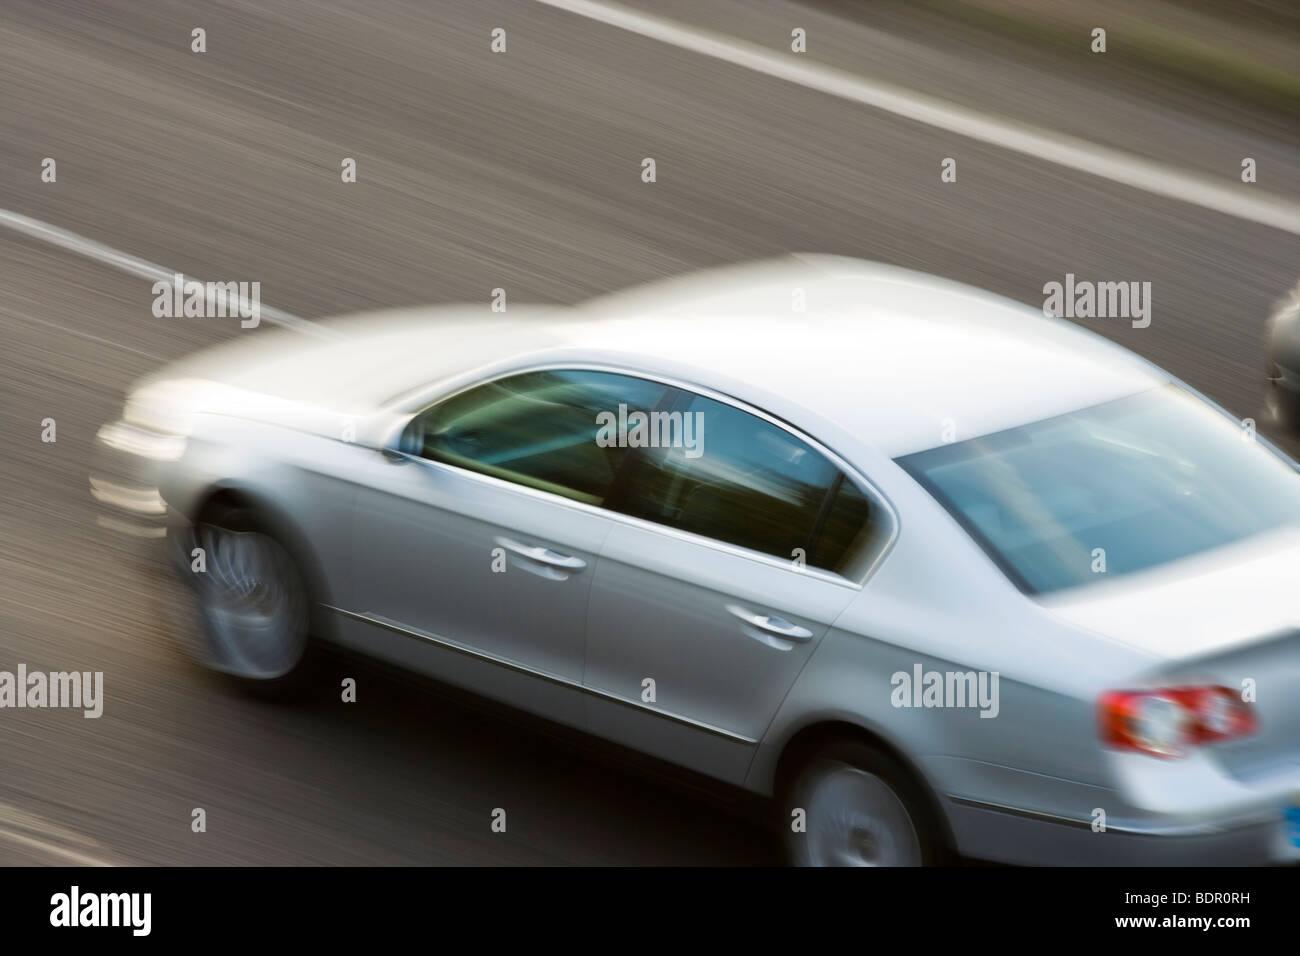 Auto in autostrada. Regno Unito Immagini Stock